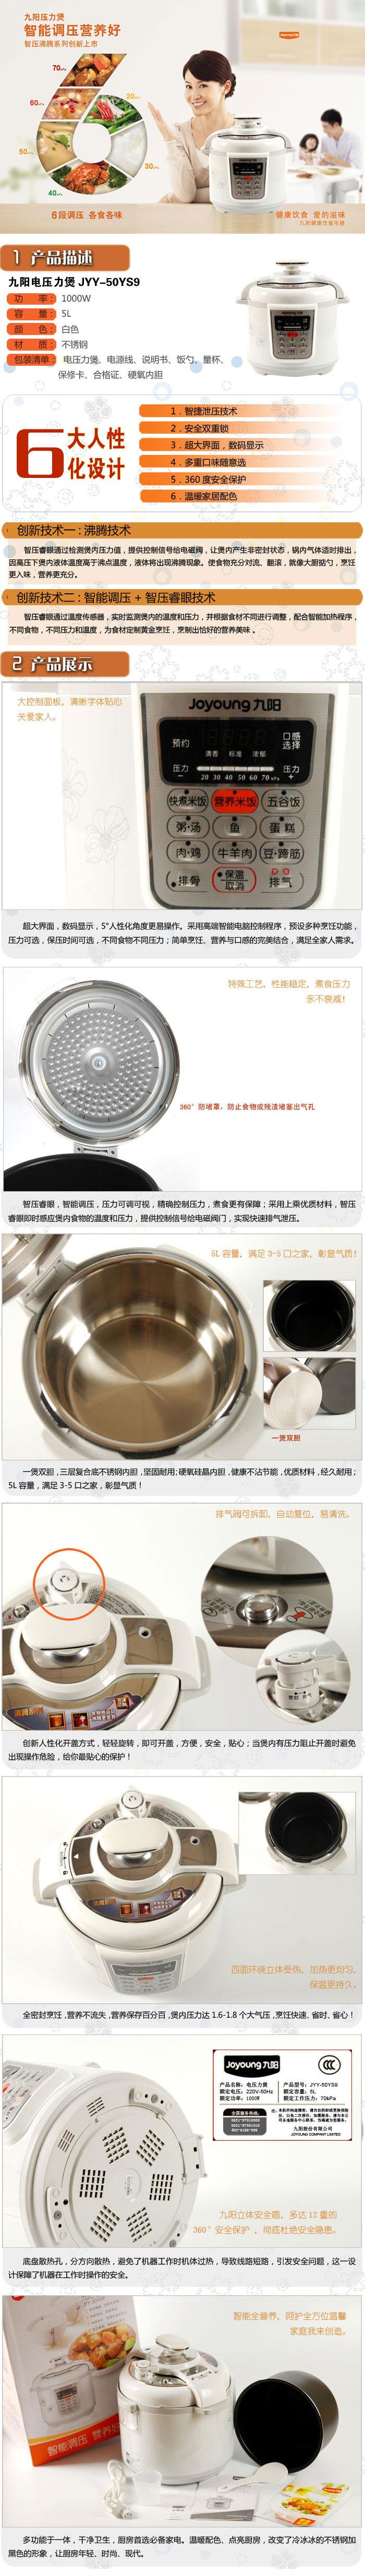 九阳 智压沸腾系统电压力锅jyy-50ys9智捷泄压技术 安全双重锁